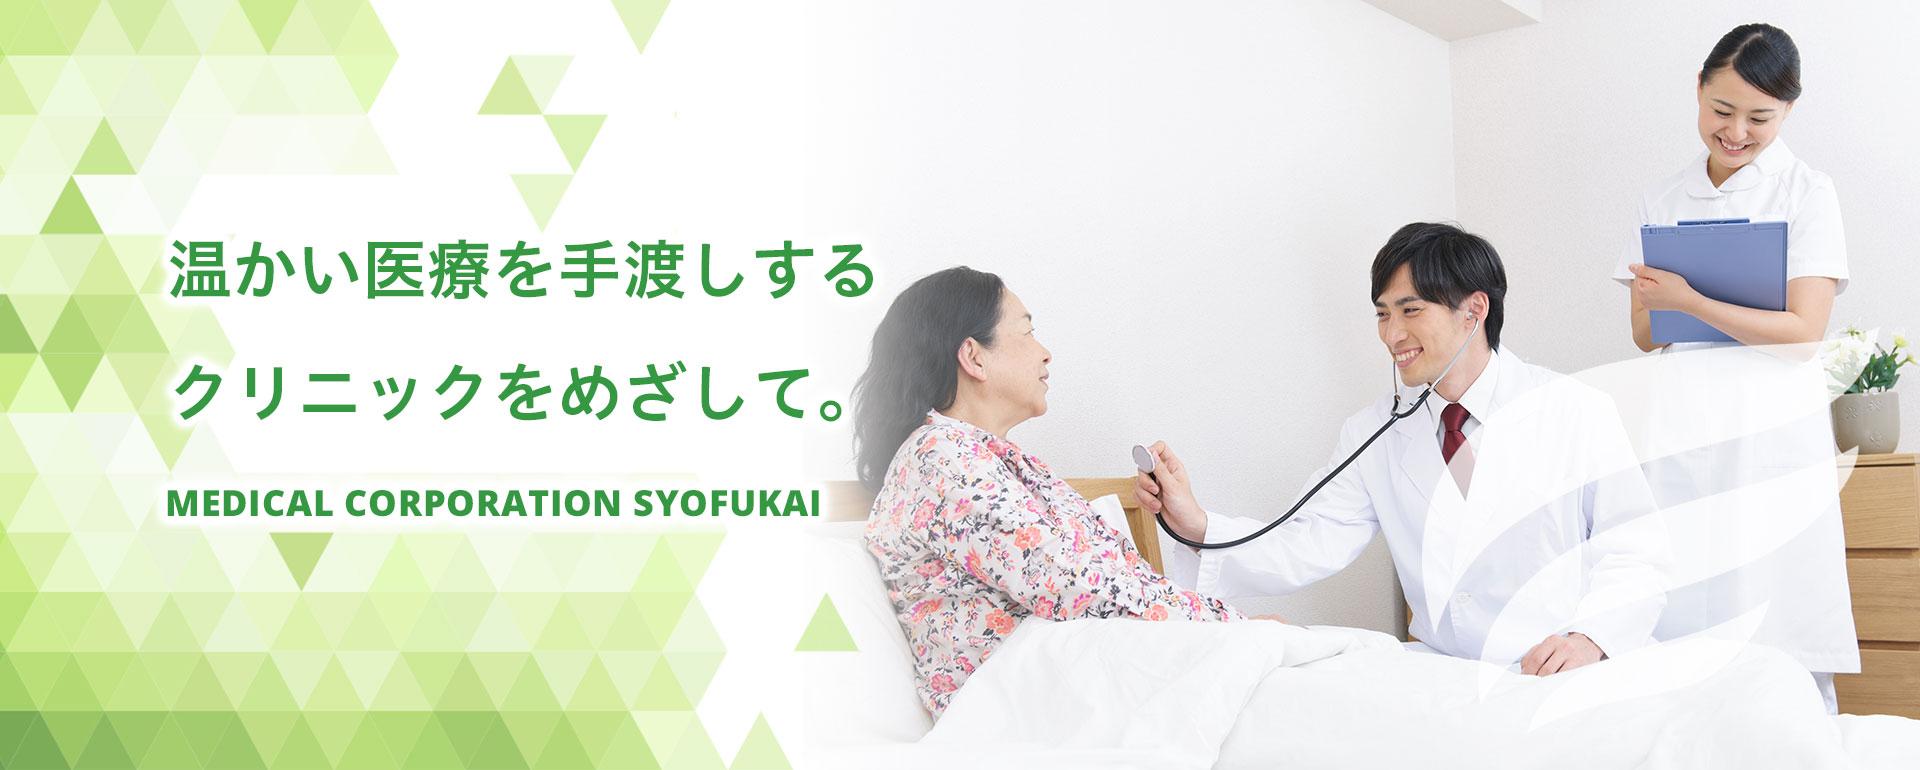 画像:メインビジュアル3|在宅診療